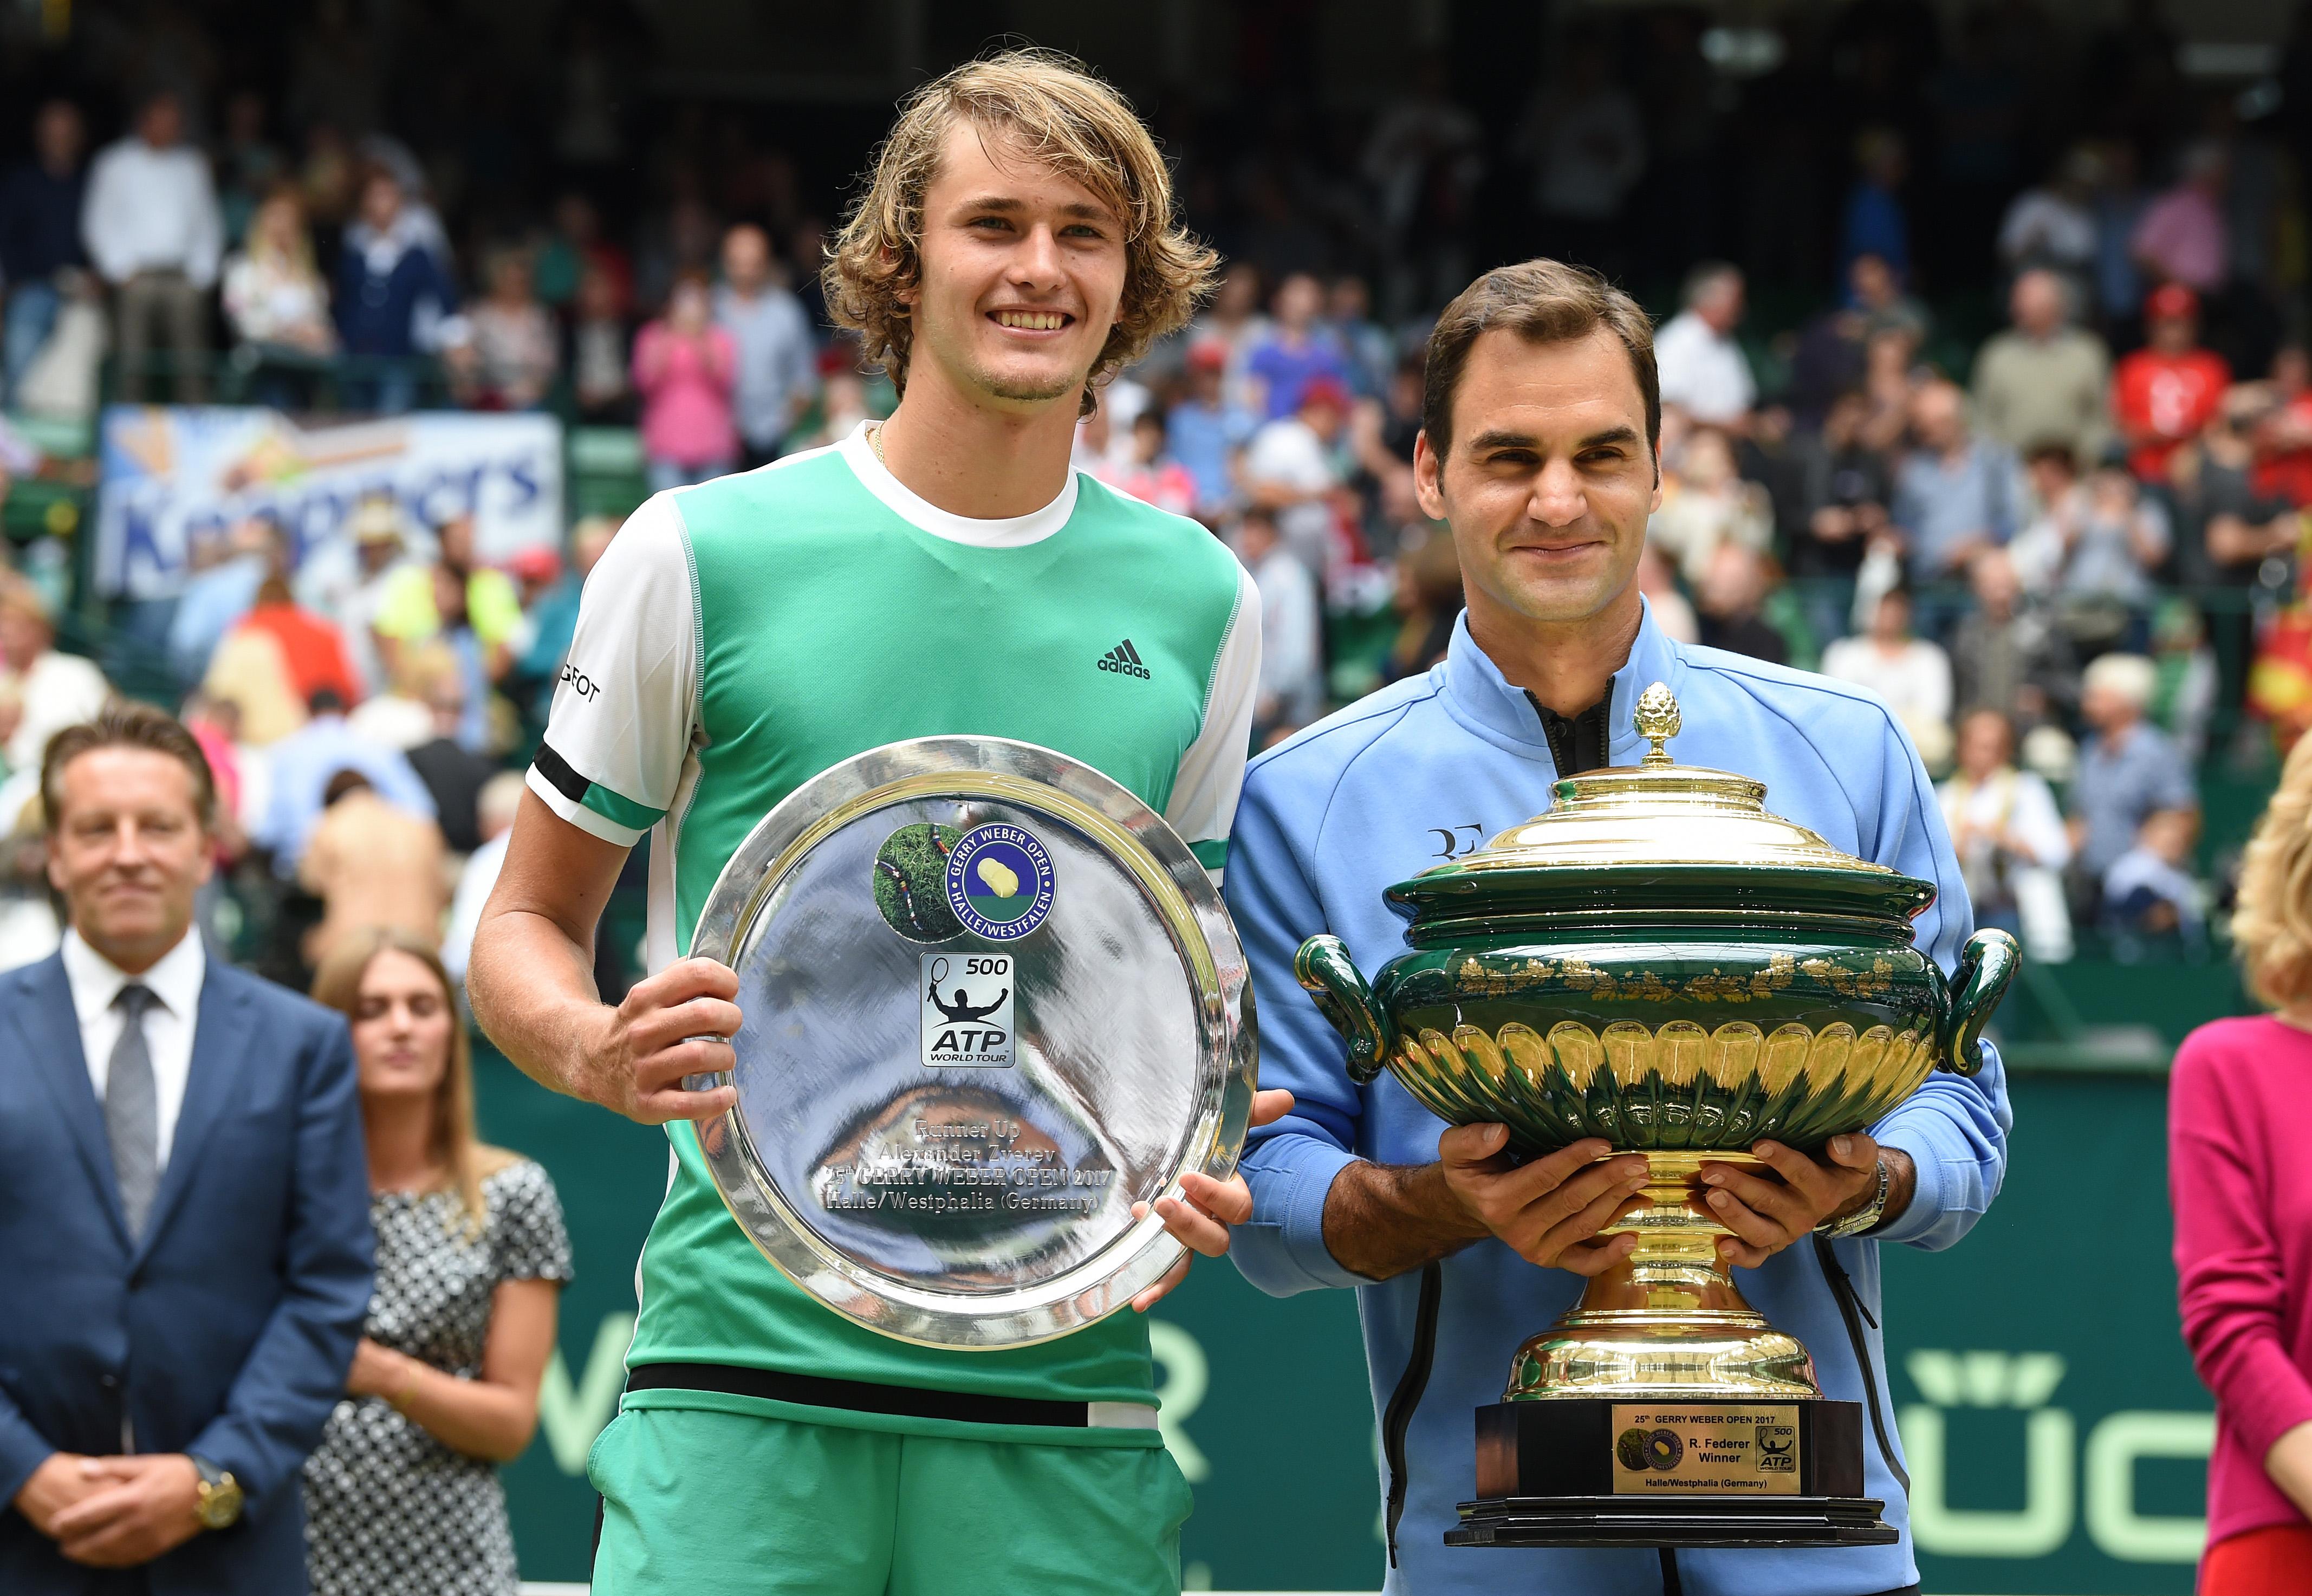 Alexander Zverev zog beim Rasenturnier in Halle bis ins Finale ein. Dort unterlag er Roger Federer jedoch deutlich (1:6, 3:6).